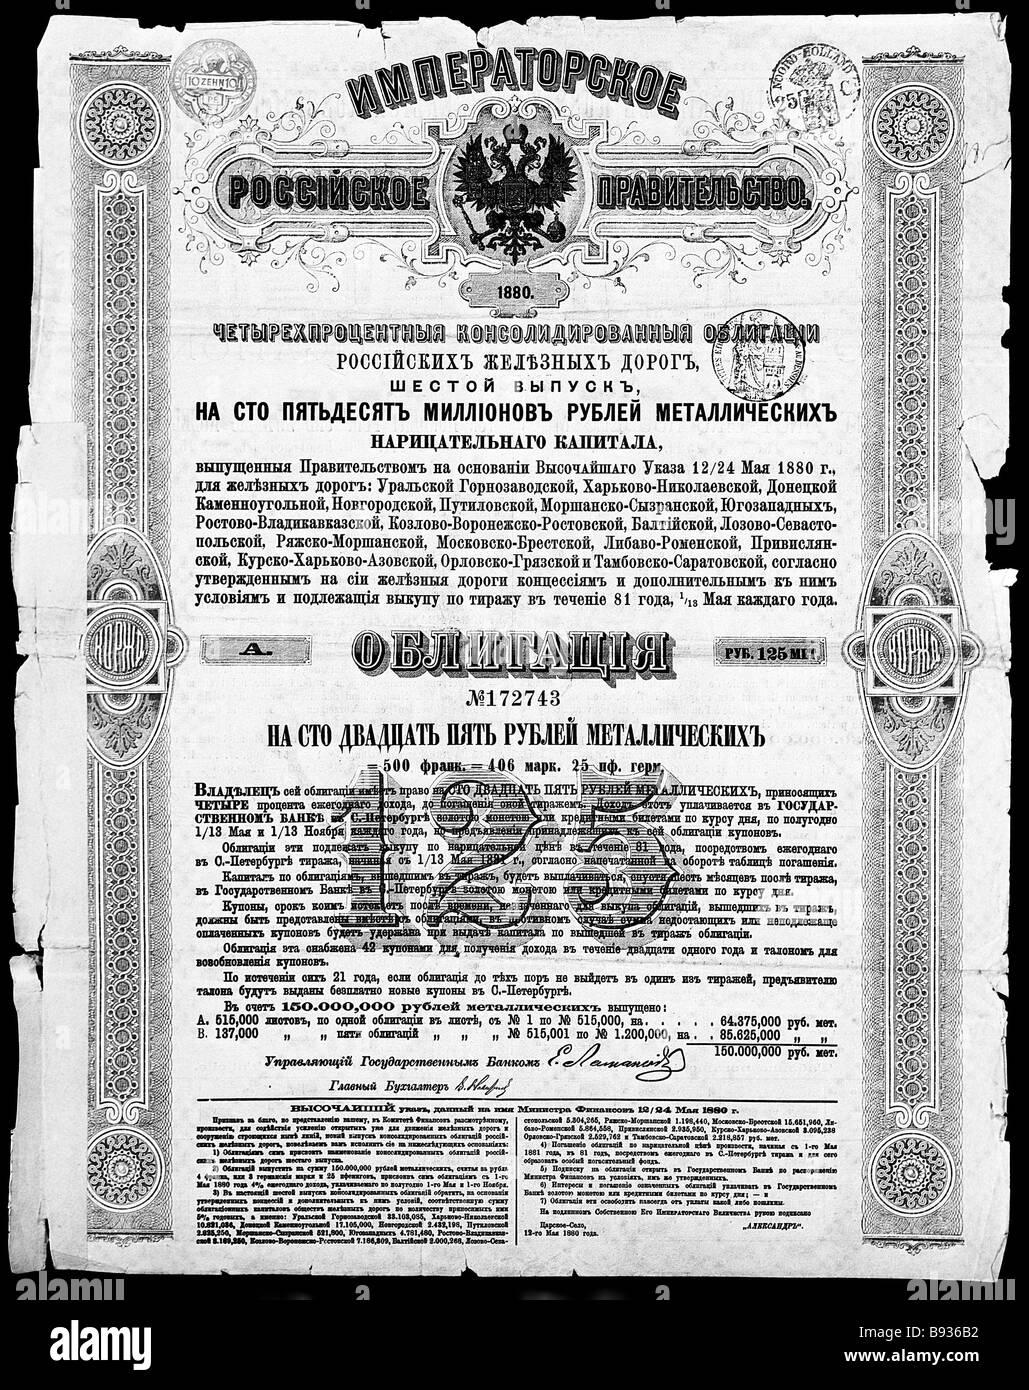 Cette émission obligataire pour 125 roubles pour la pièce a été publiée par le Gouvernement Photo Stock